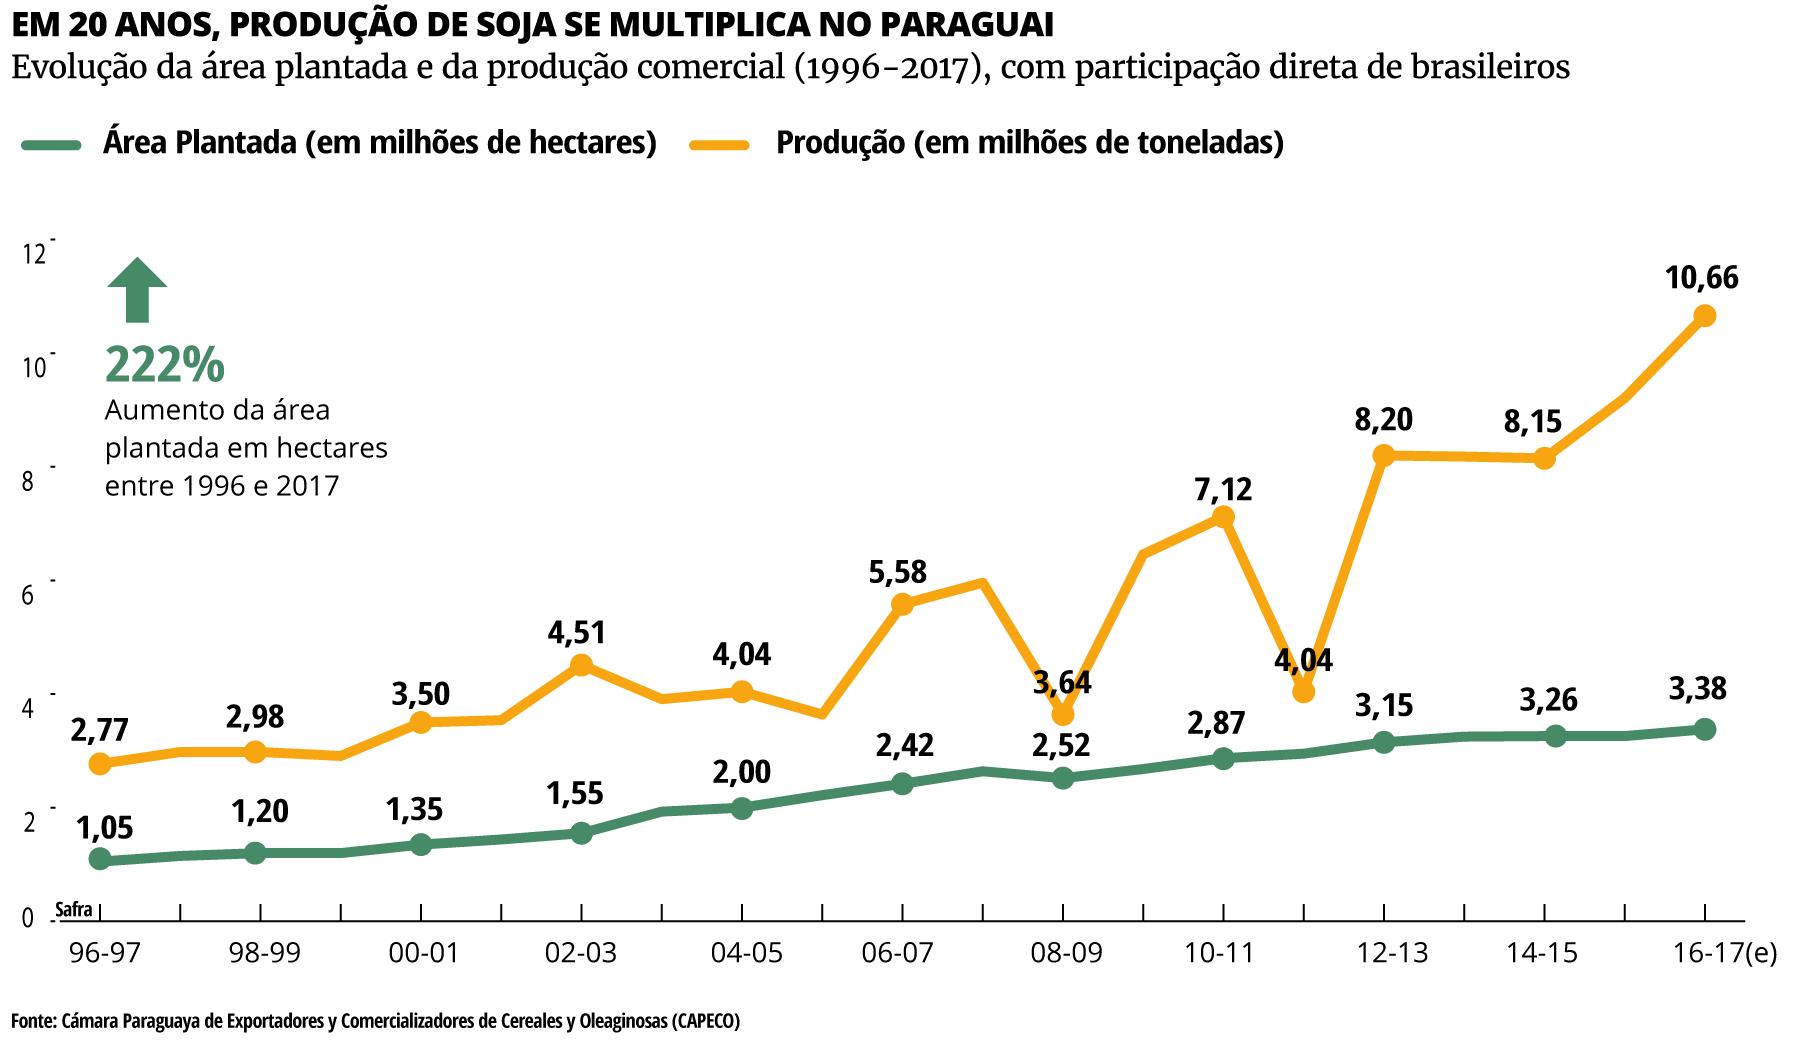 Evolução da área plantada e da produção comercial (1996-2017), com participação direta de brasileiros